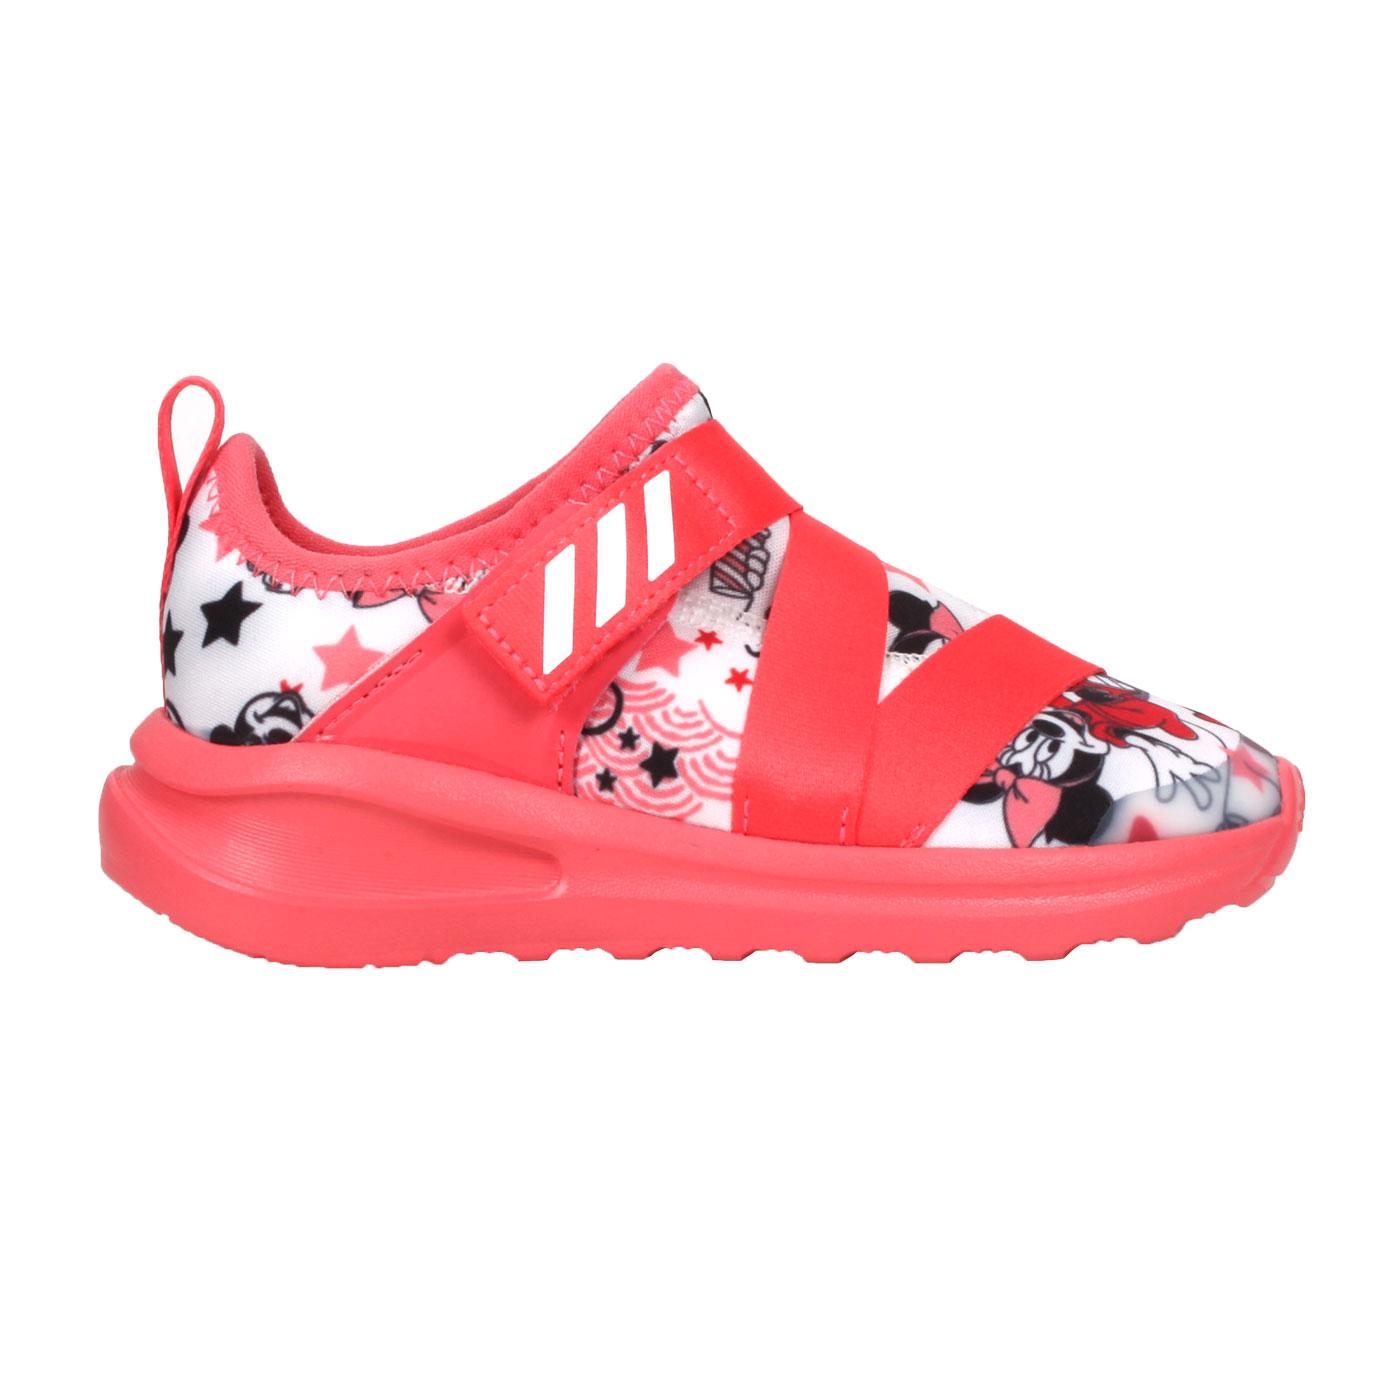 ADIDAS 小童休閒運動鞋  @FortaRun X Minnie I@FV4260